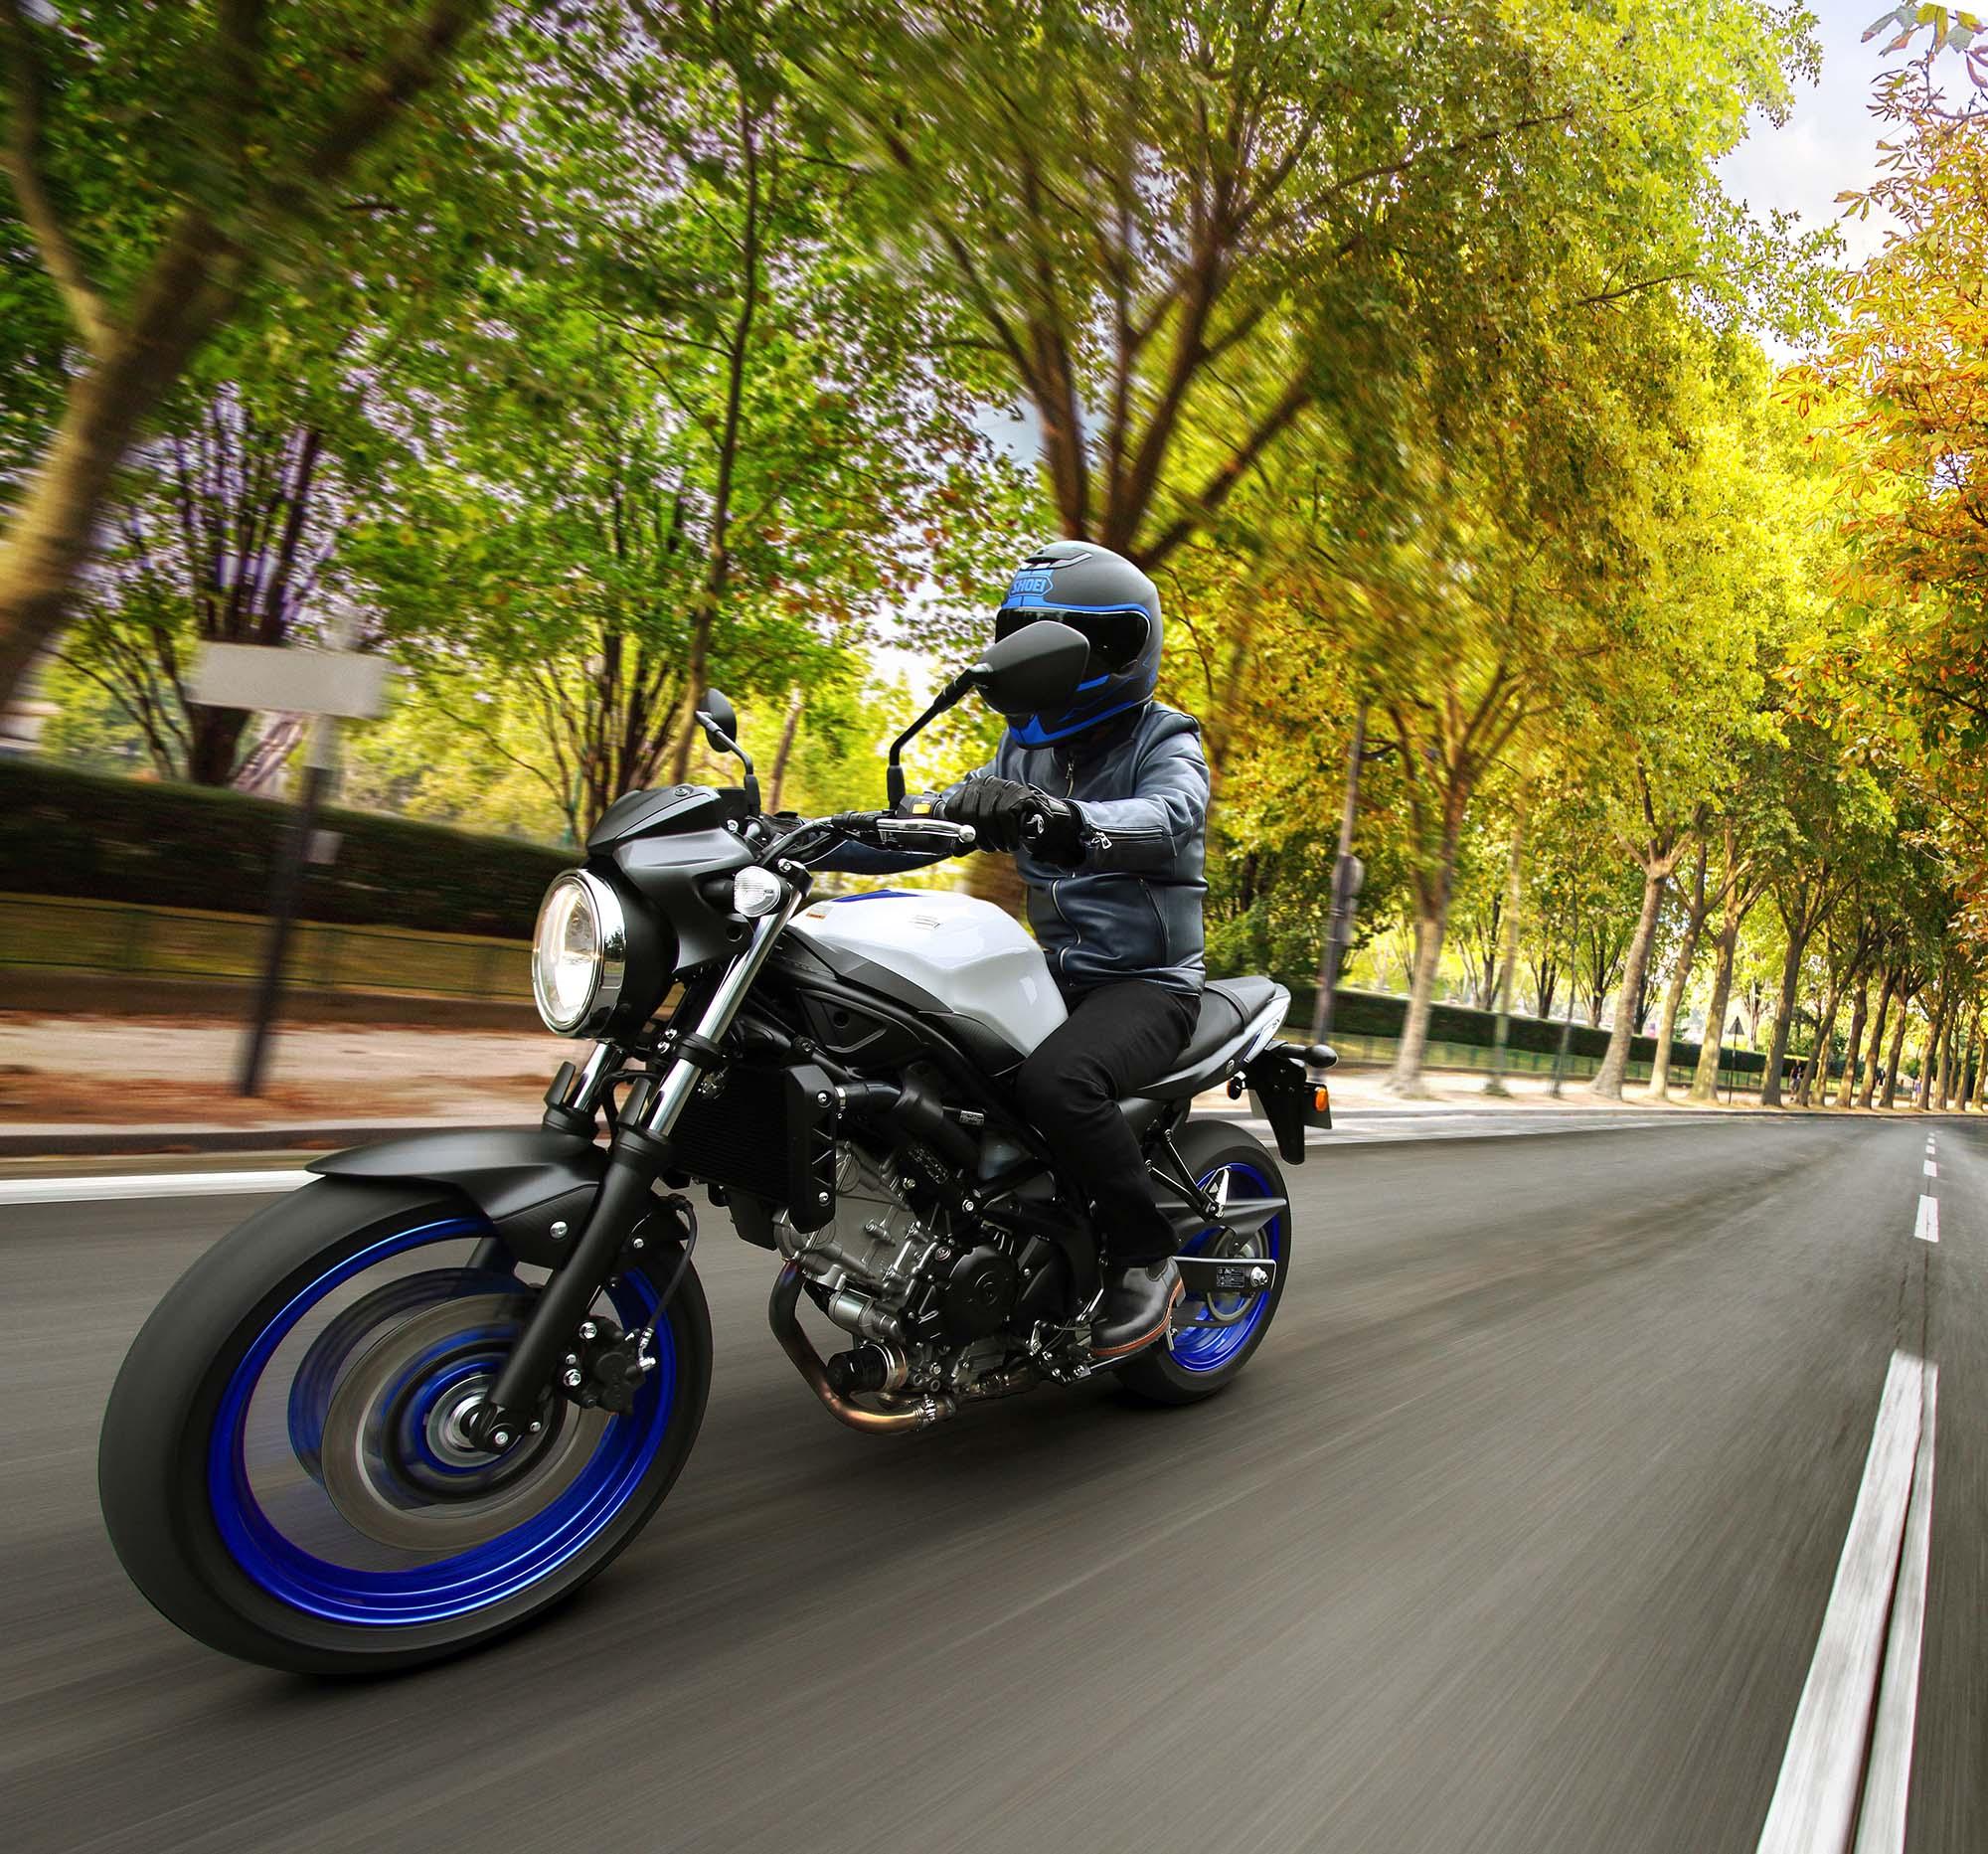 2016 Suzuki SV650 A Action 10